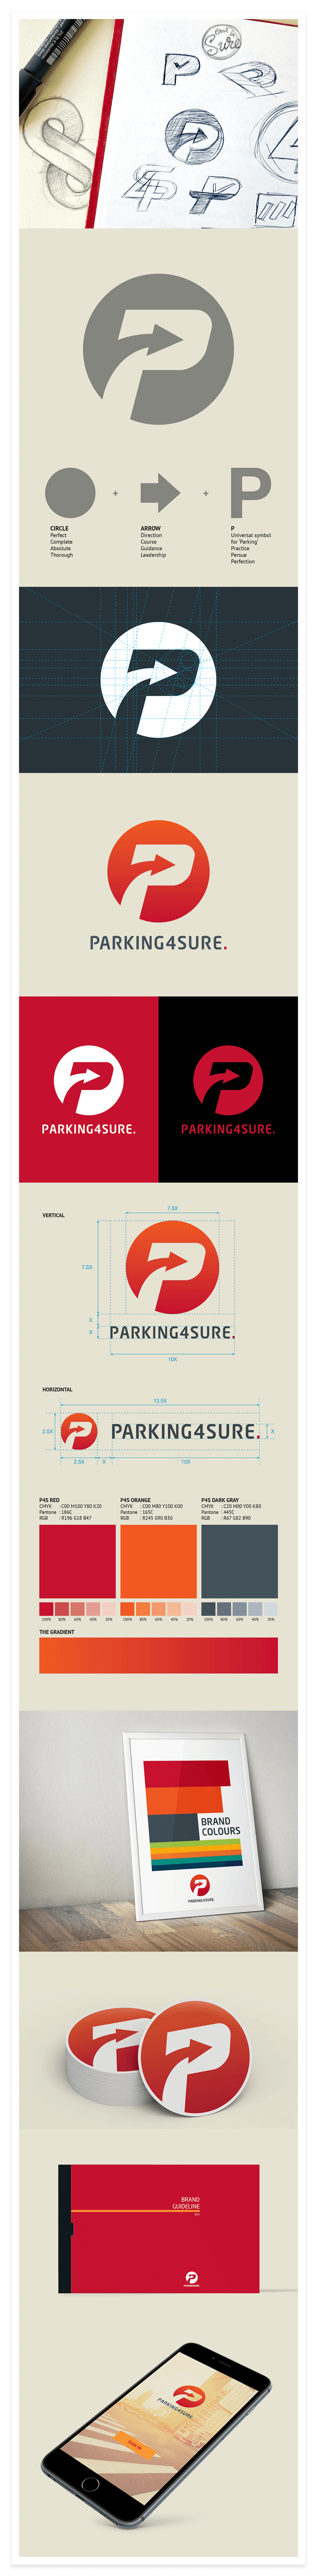 P4S - Branding_800